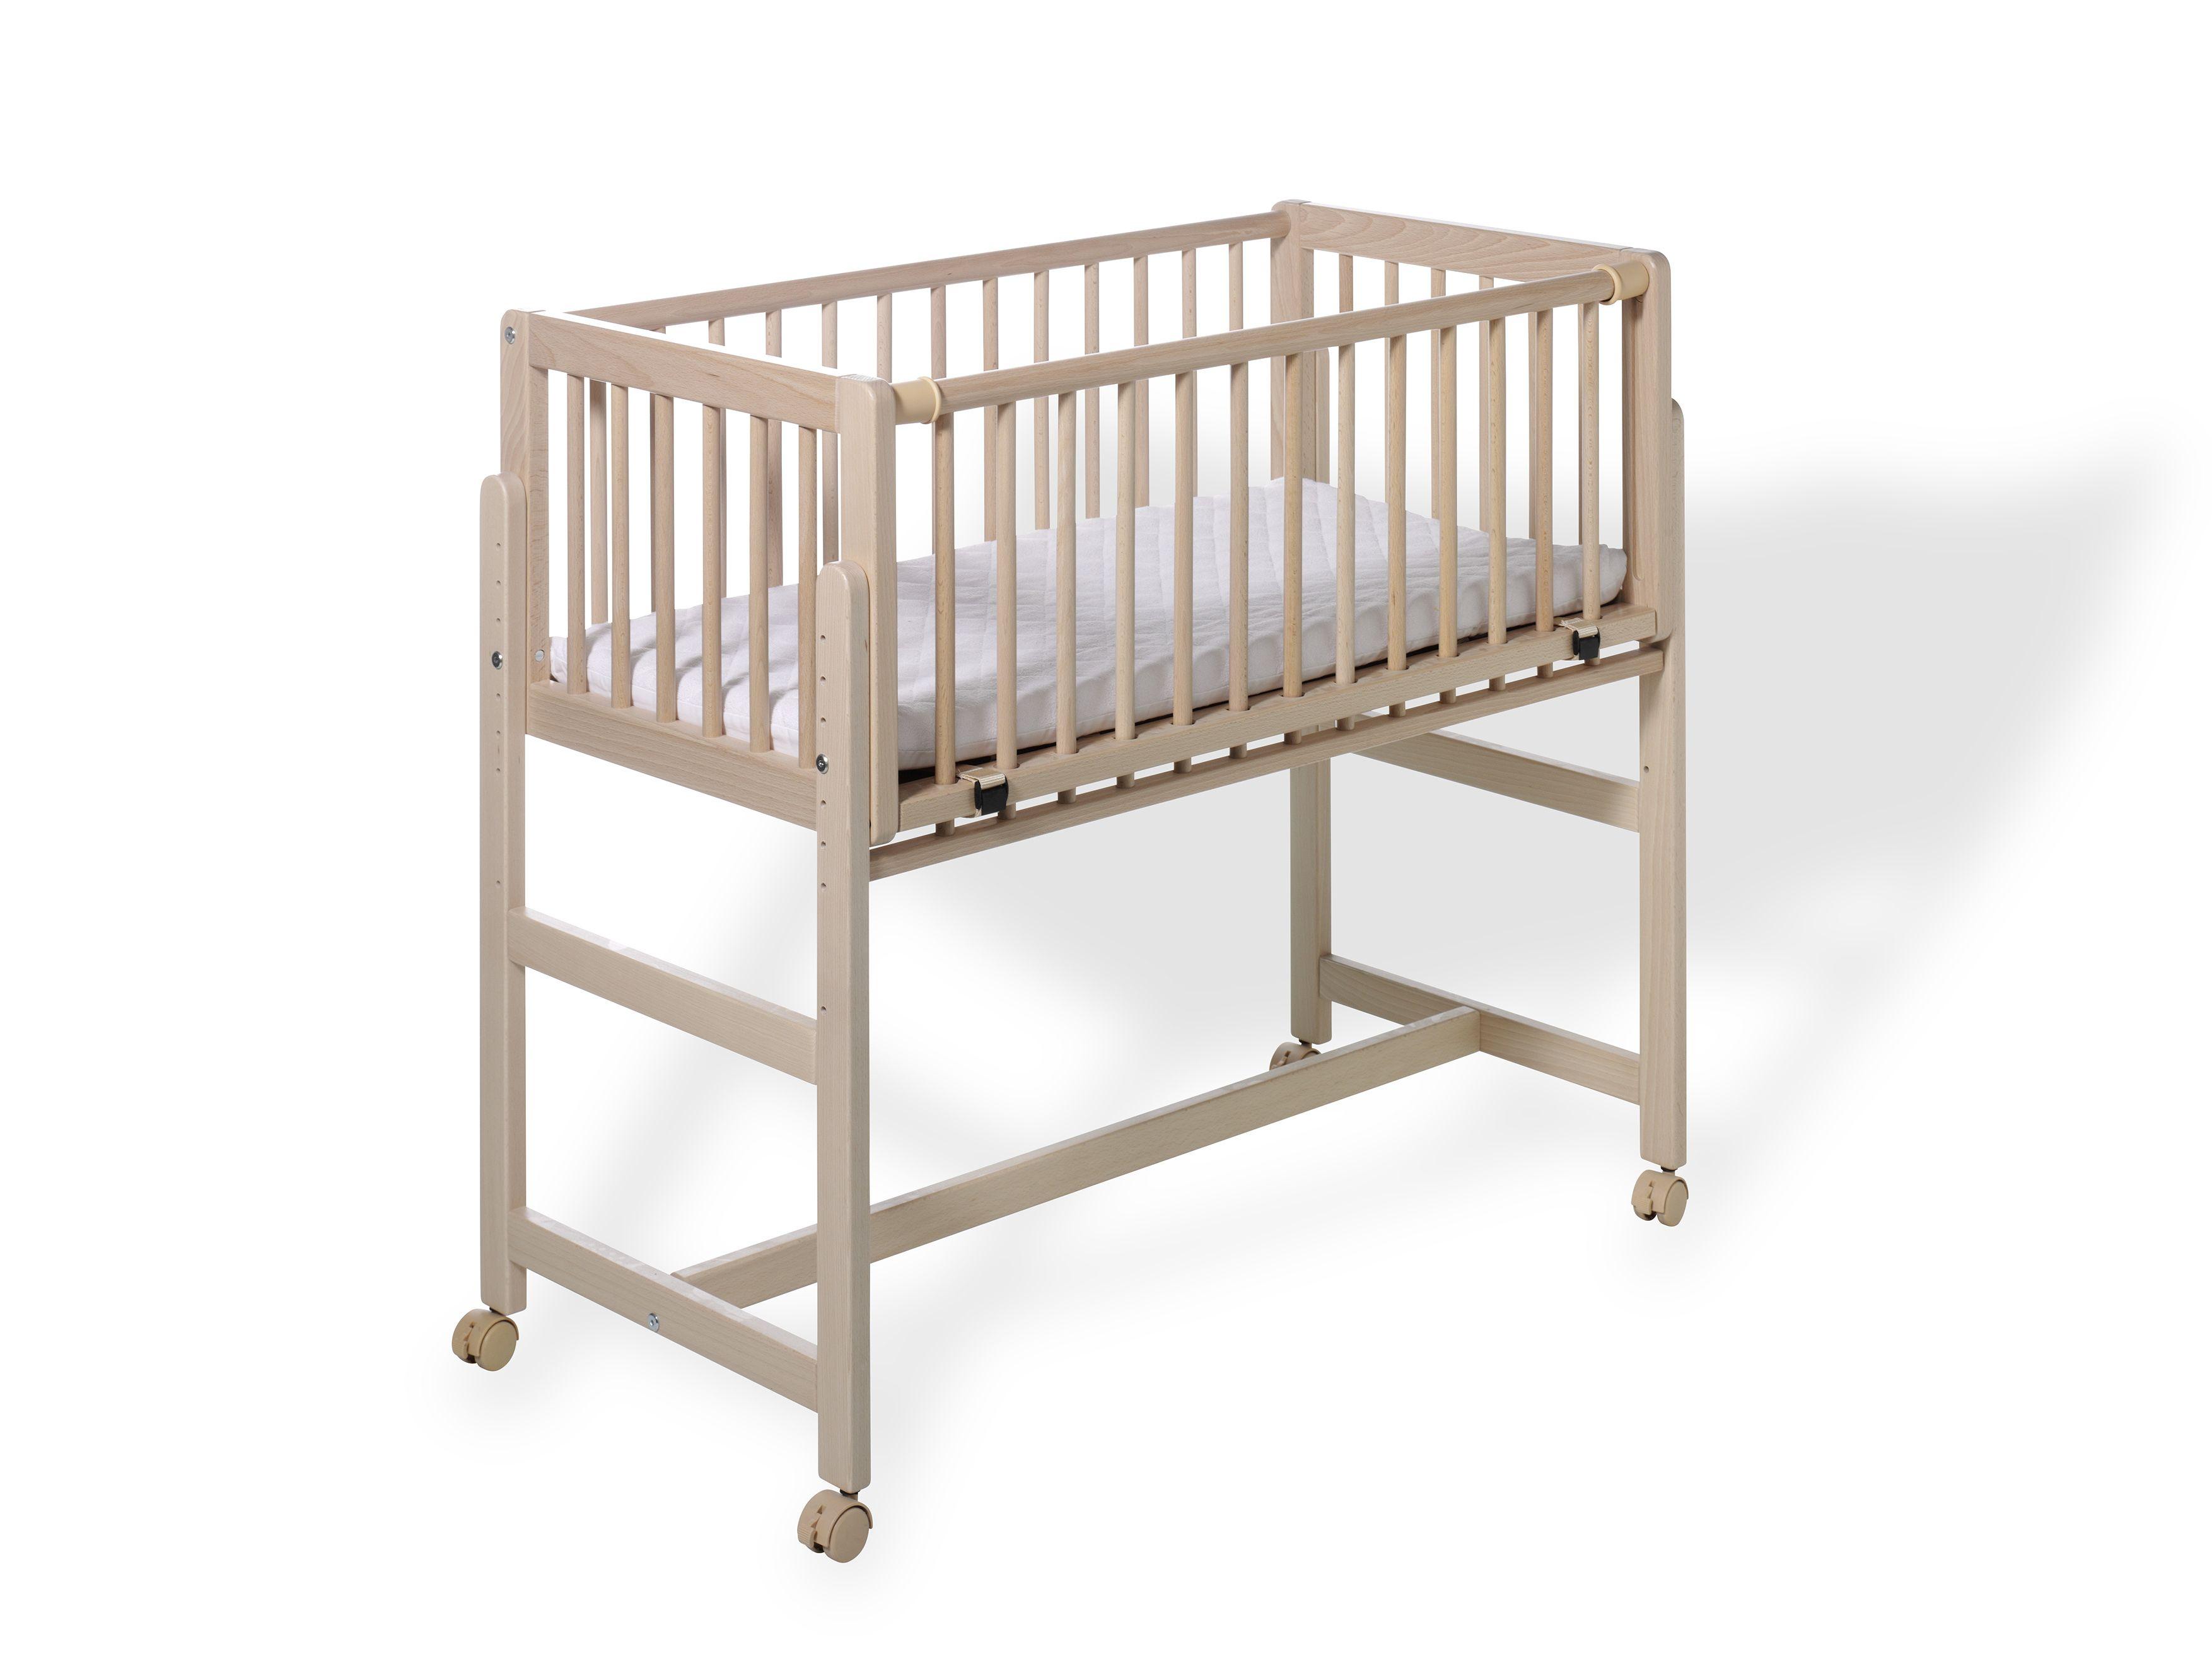 geuther bett an bett betsy f r boxspringbetten 2018 online kaufen bei kidsroom wohnen schlafen. Black Bedroom Furniture Sets. Home Design Ideas